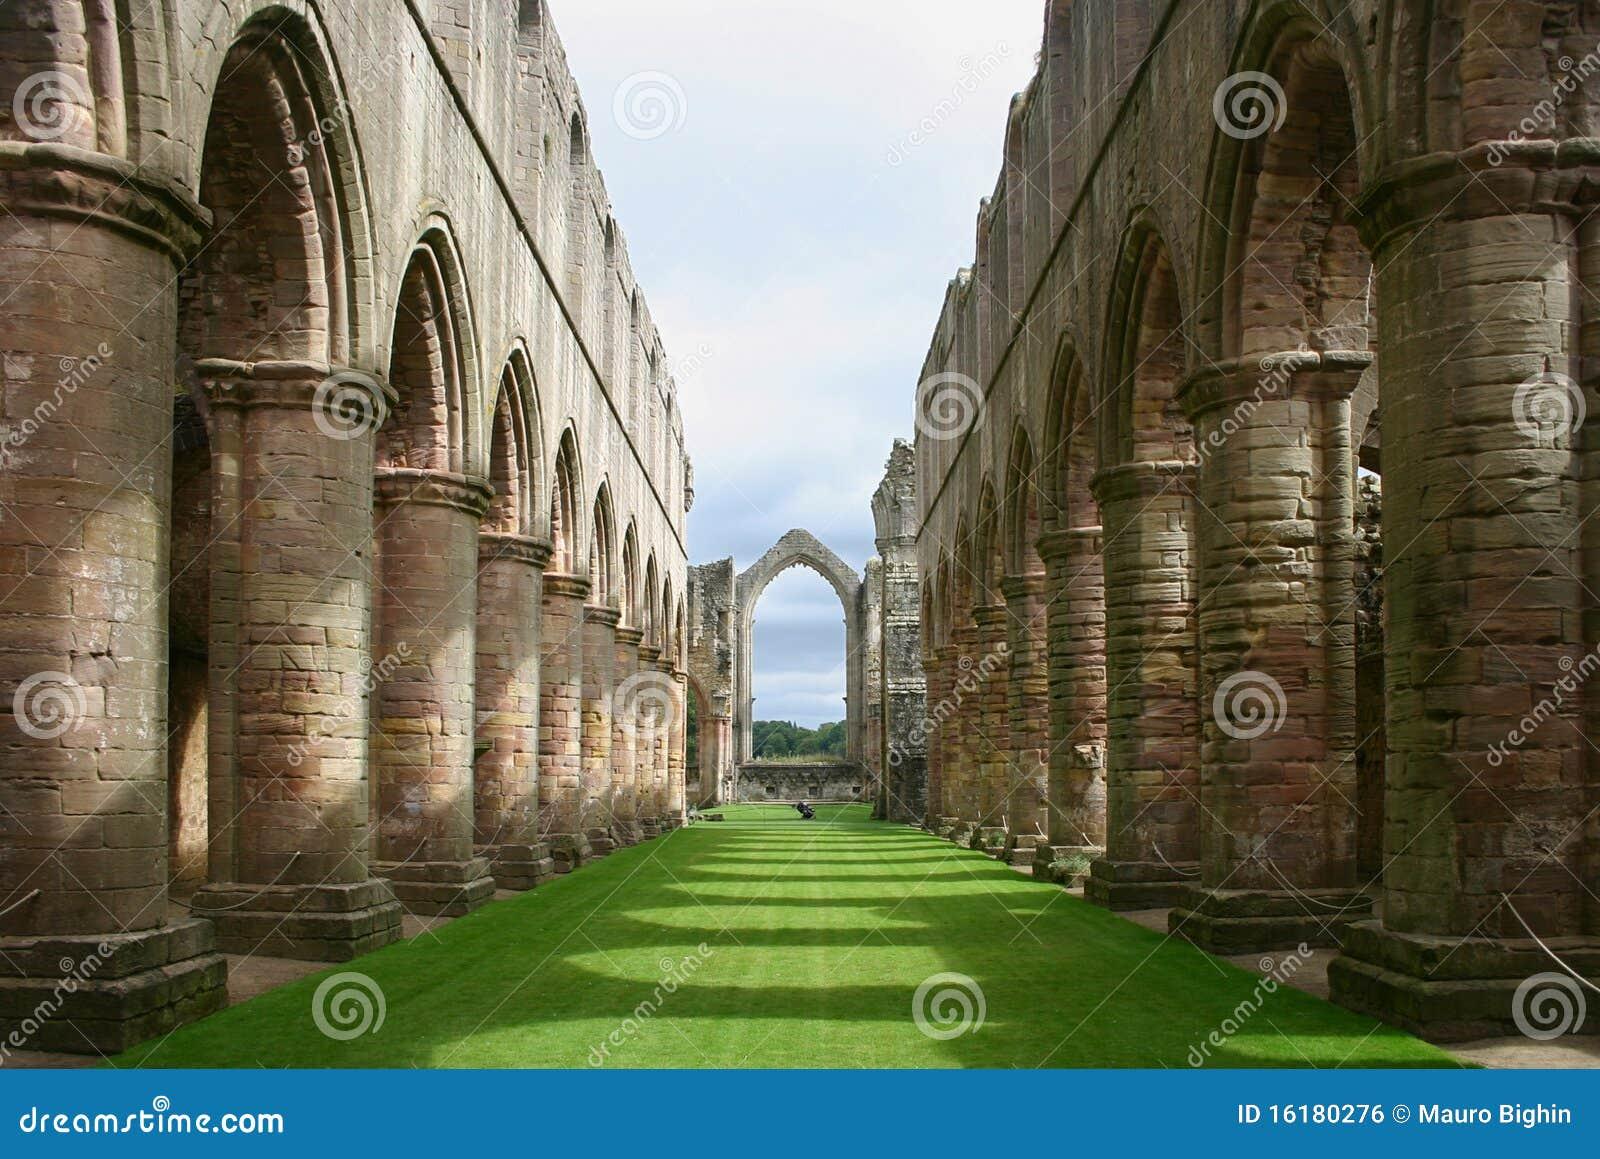 Abadía de las fuentes - Yorkshire - Inglaterra